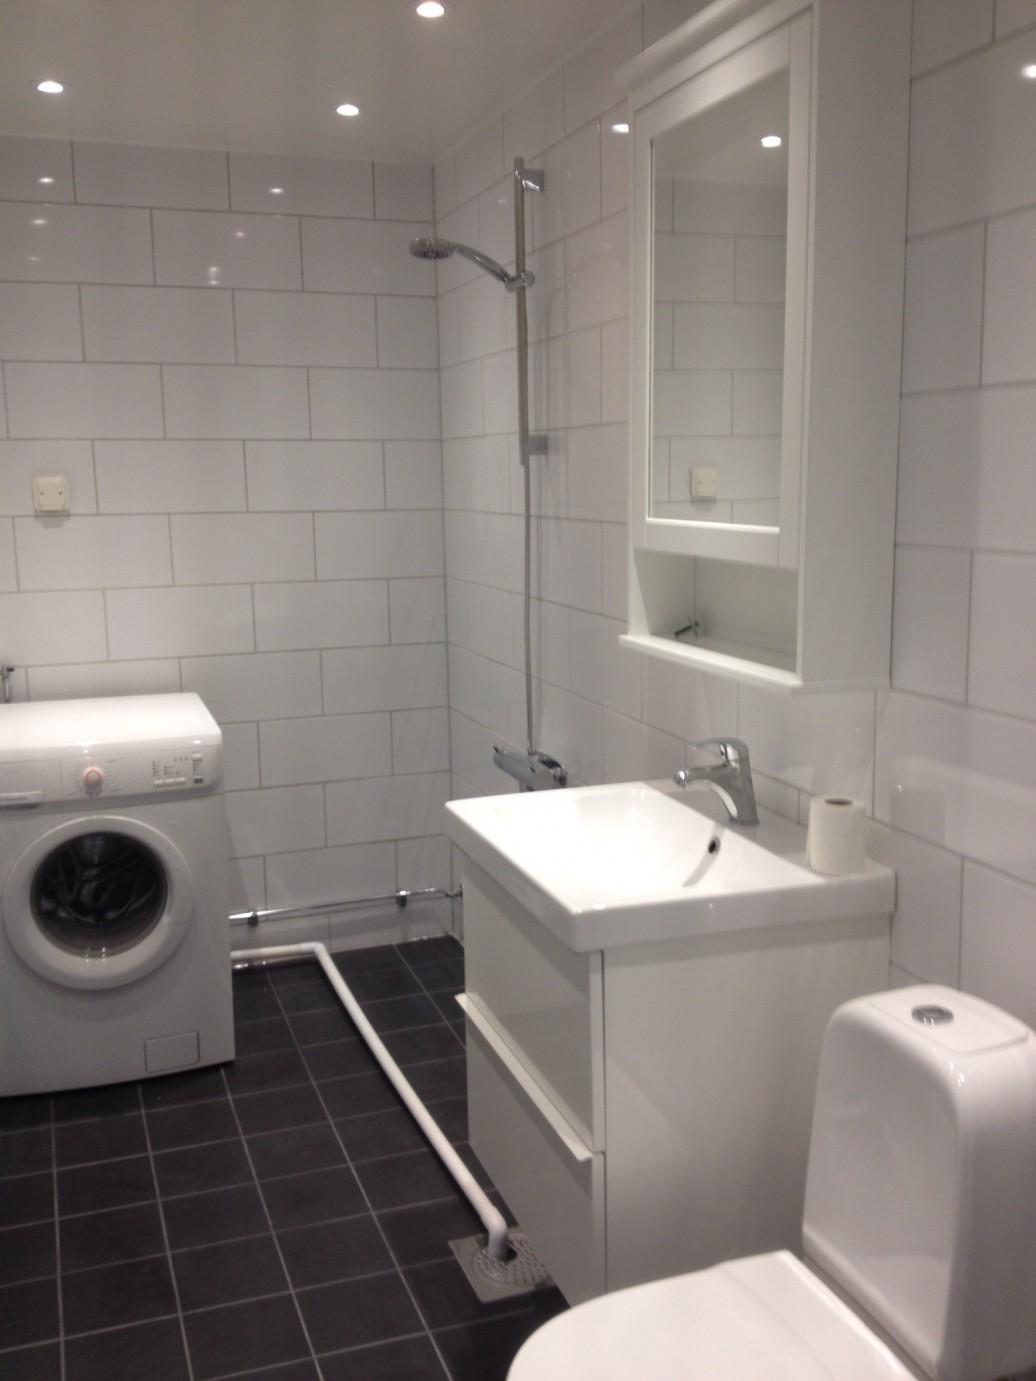 Badrum nytt badrum : Renovera Badrum – Flachsbinder Bygg och Fastighetsservice